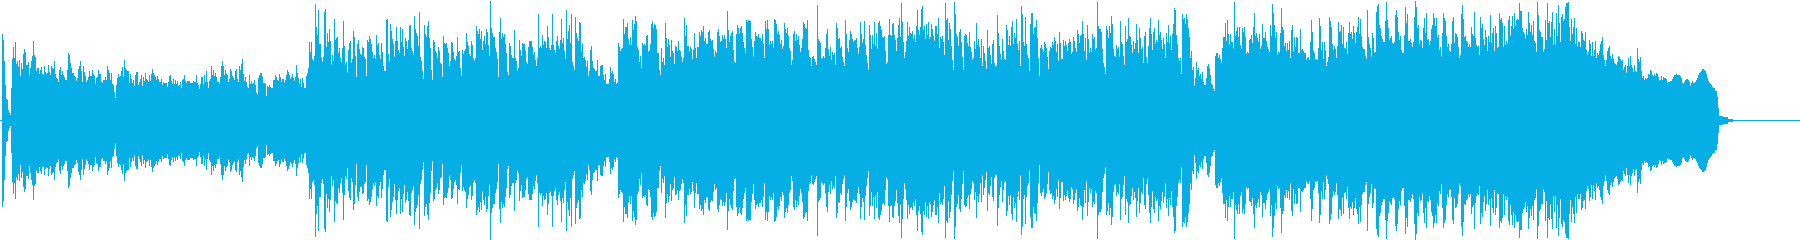 ★踊れるRockなEDMの再生済みの波形